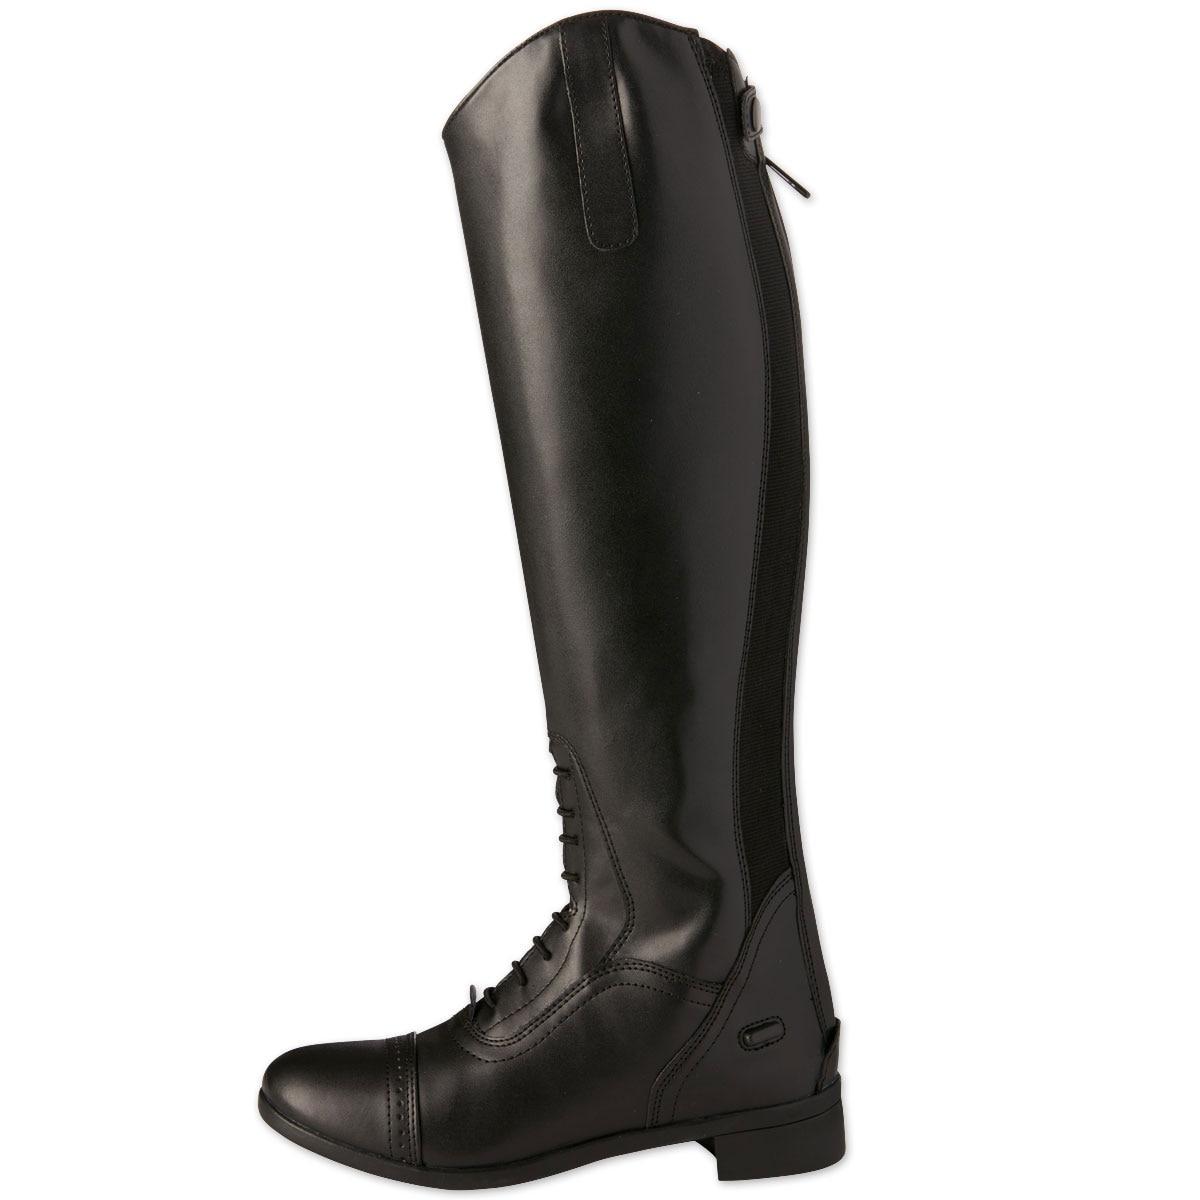 Saxon Syntovia Tall Field Boots